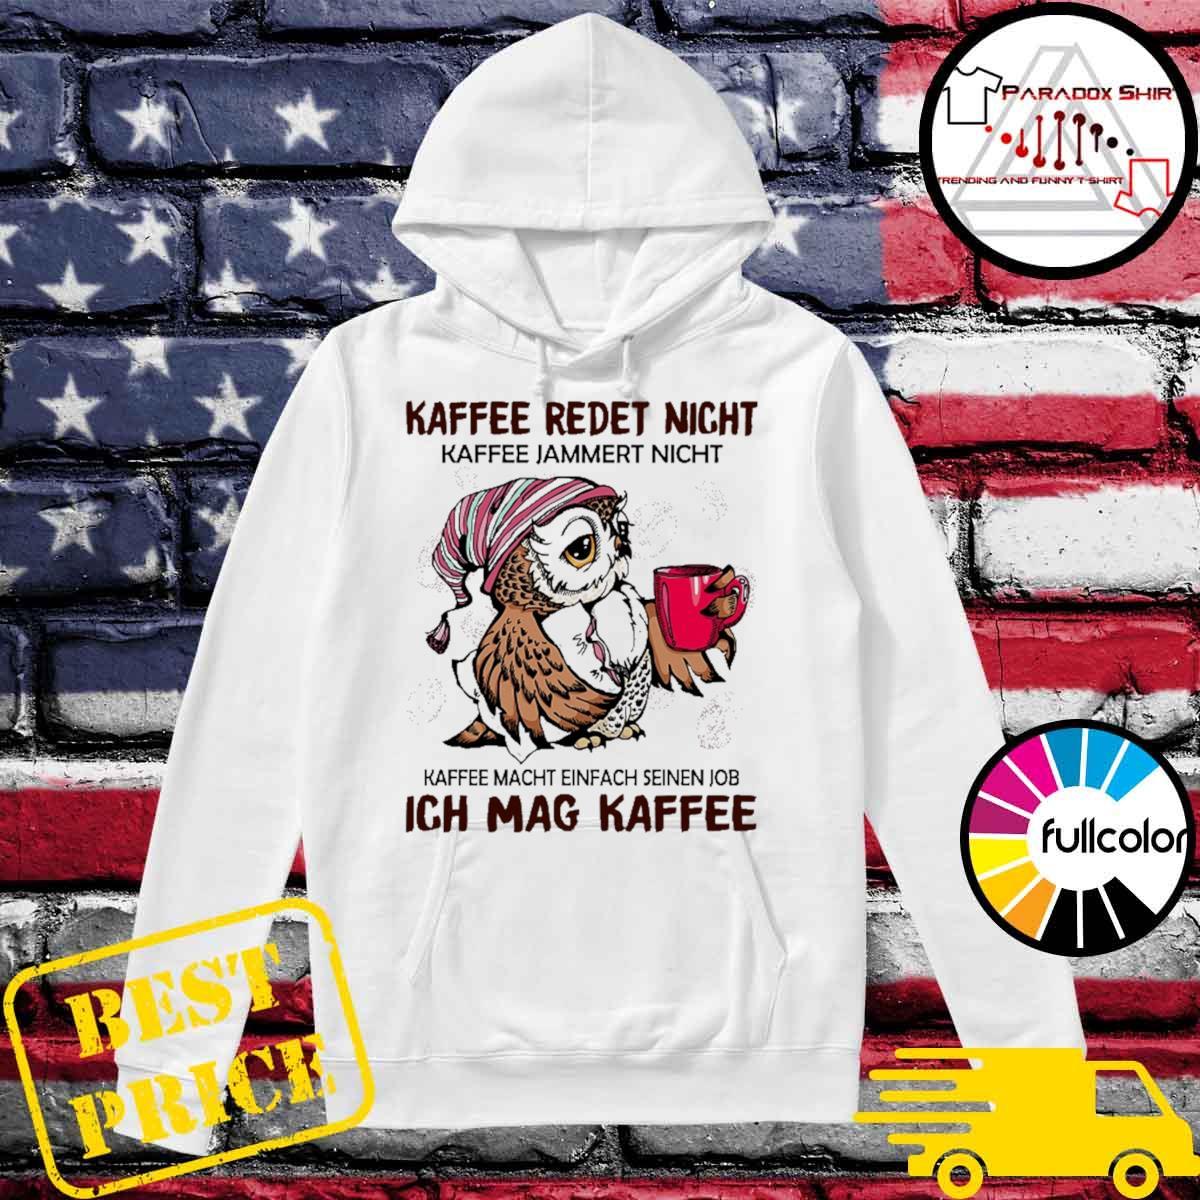 Kaffee redet nicht kaffee jammert nicht kaffee macht einfach seinen job Ich mag faffee s Hoodie